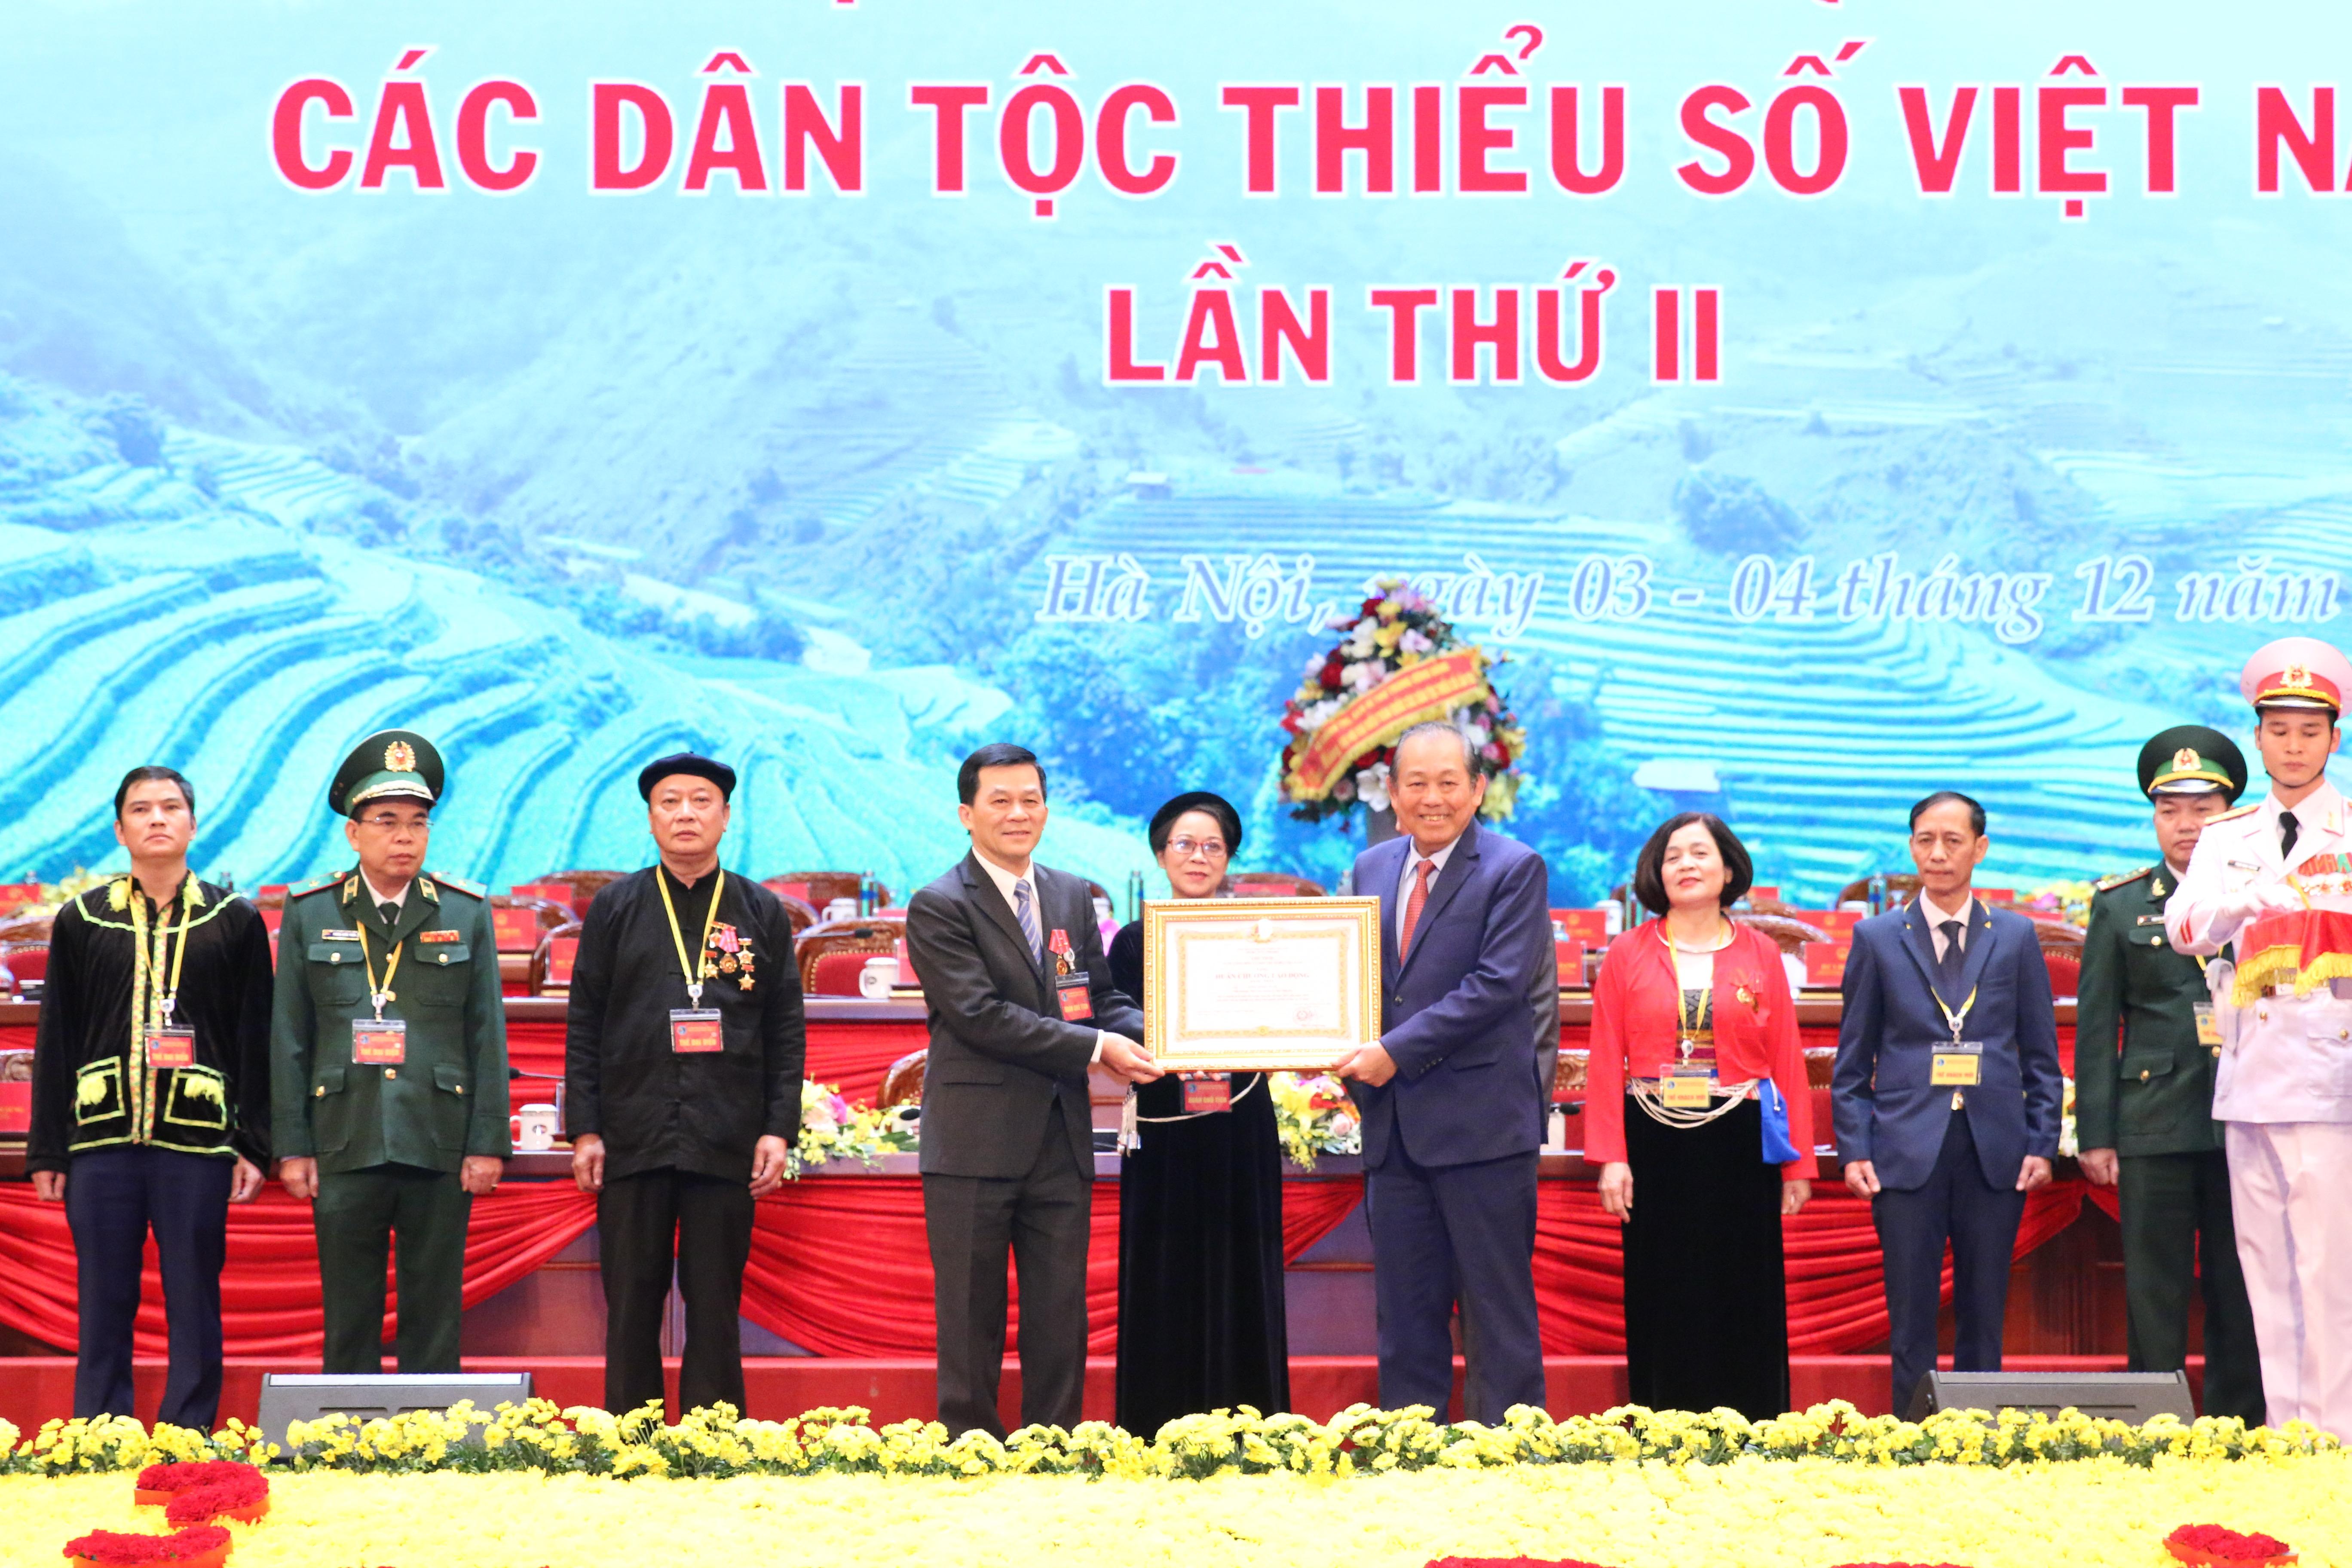 Phó Thủ tướng Thường trực Chính phủ Trương Hòa Bình trao tặng Huân chương lao động hạng Nhất cho Thứ trưởng, Phó Chủ nhiệm UBDT Nông Quốc Tuấn